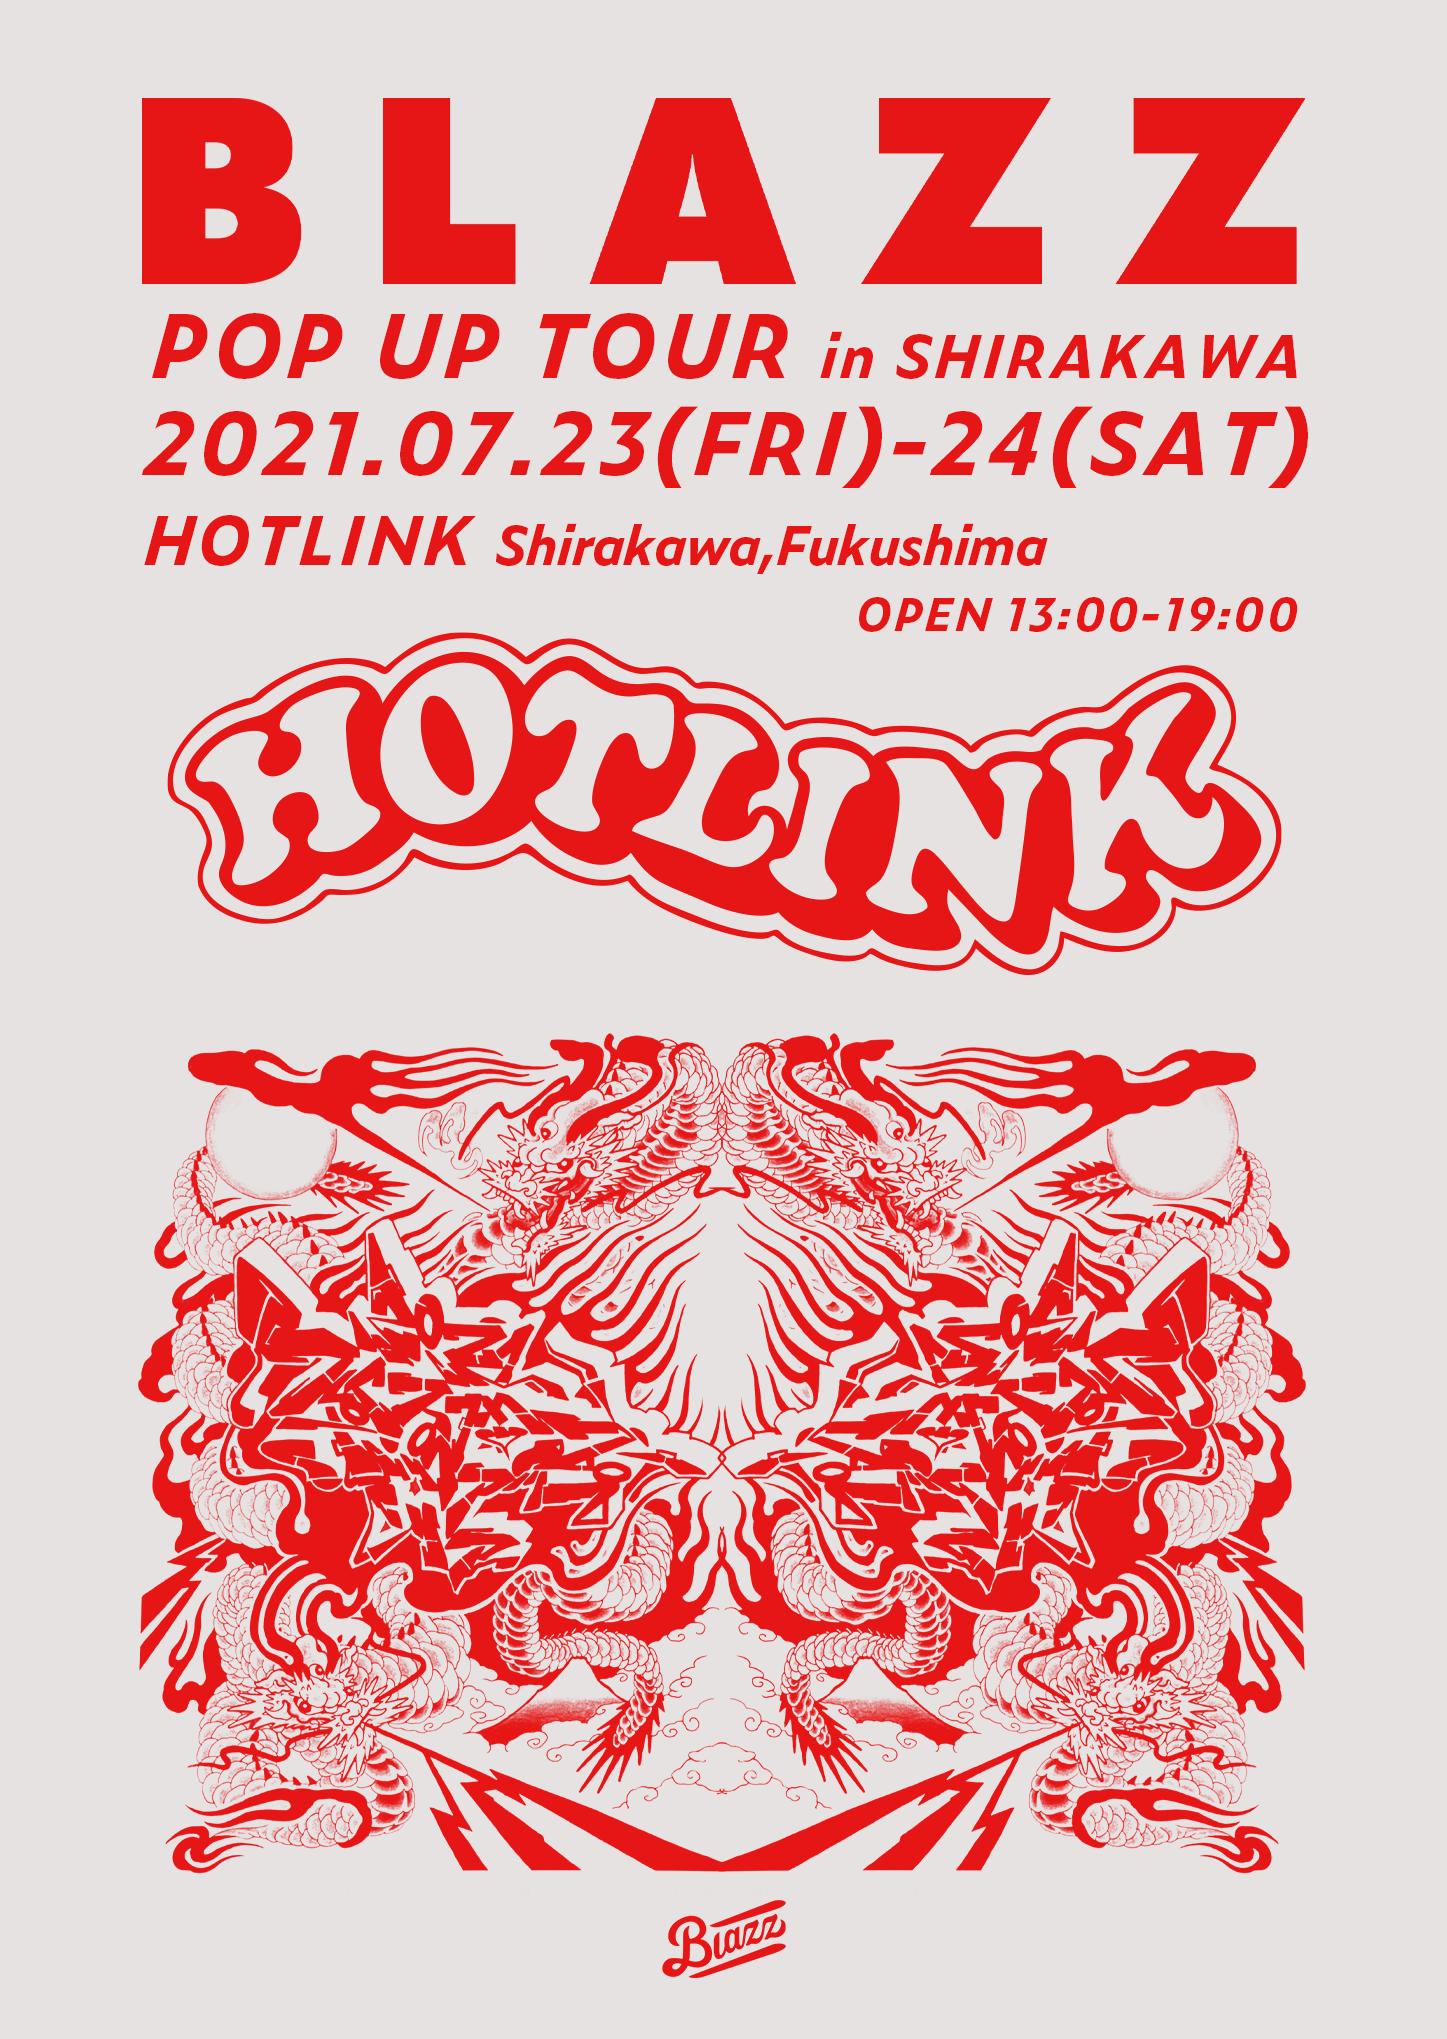 POP UP TOUR IN HOTLINK (SHIRAKAWA,FUKUSHIMA)